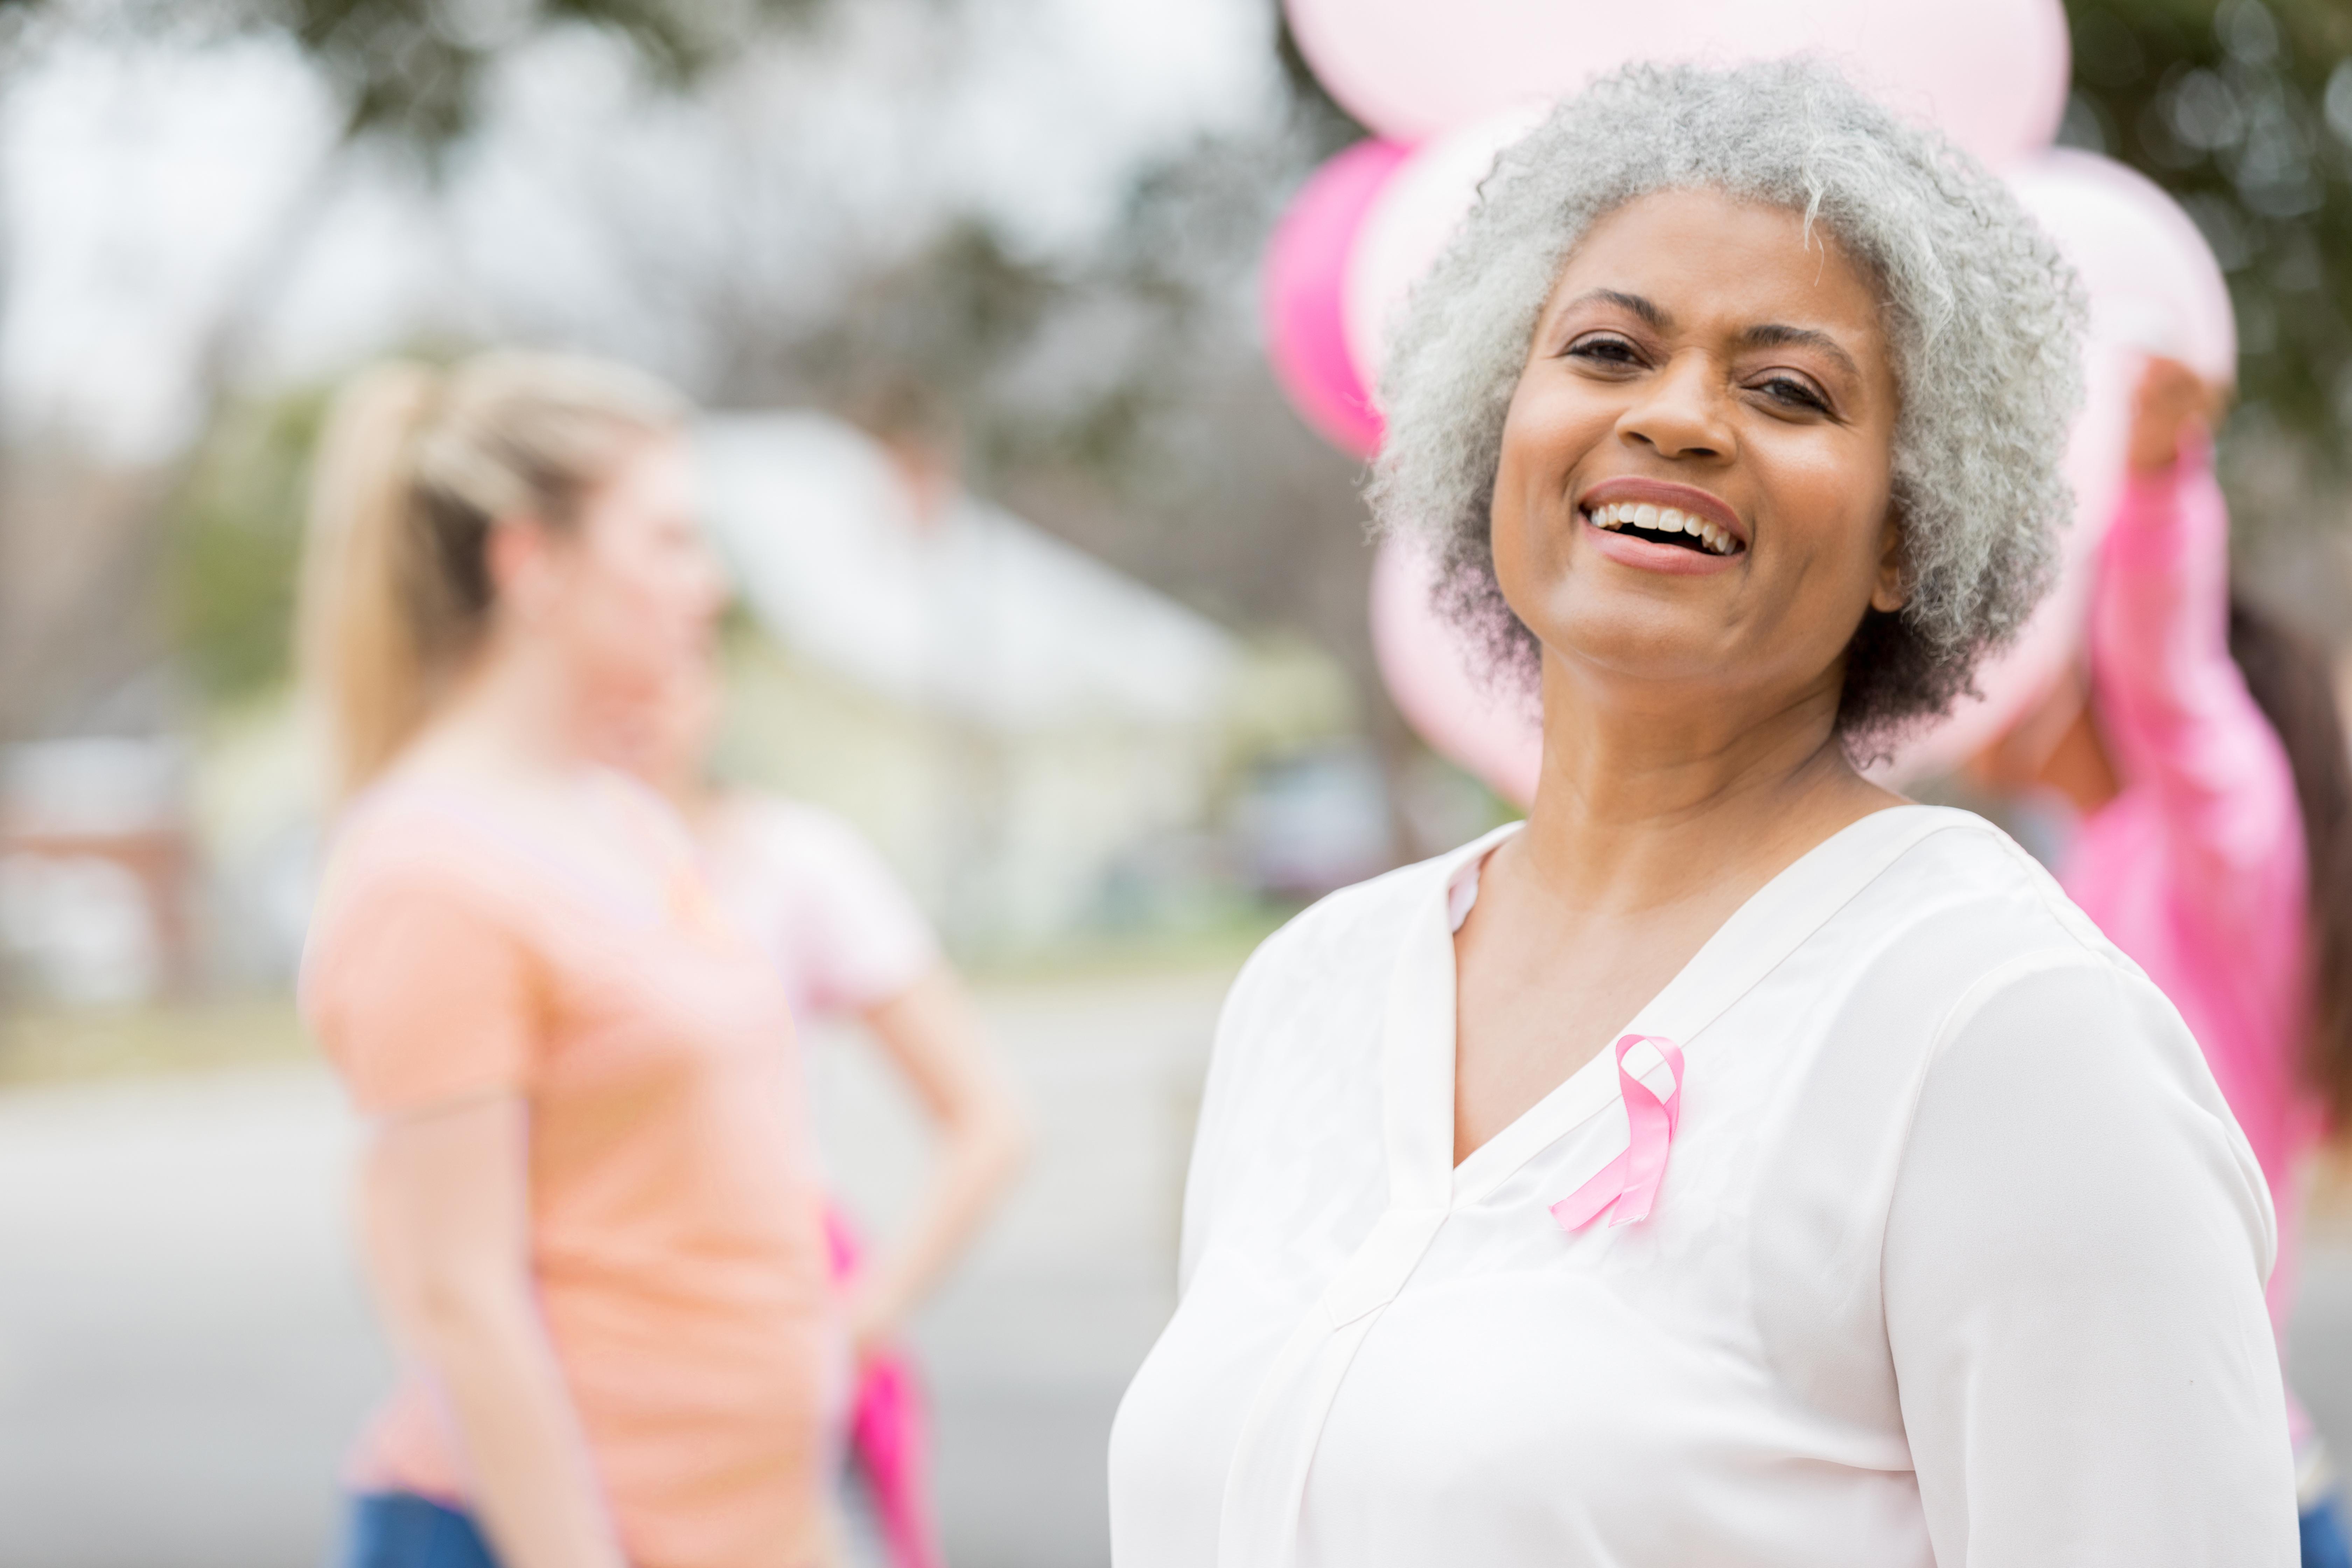 Kvinde med lyserødt bånd